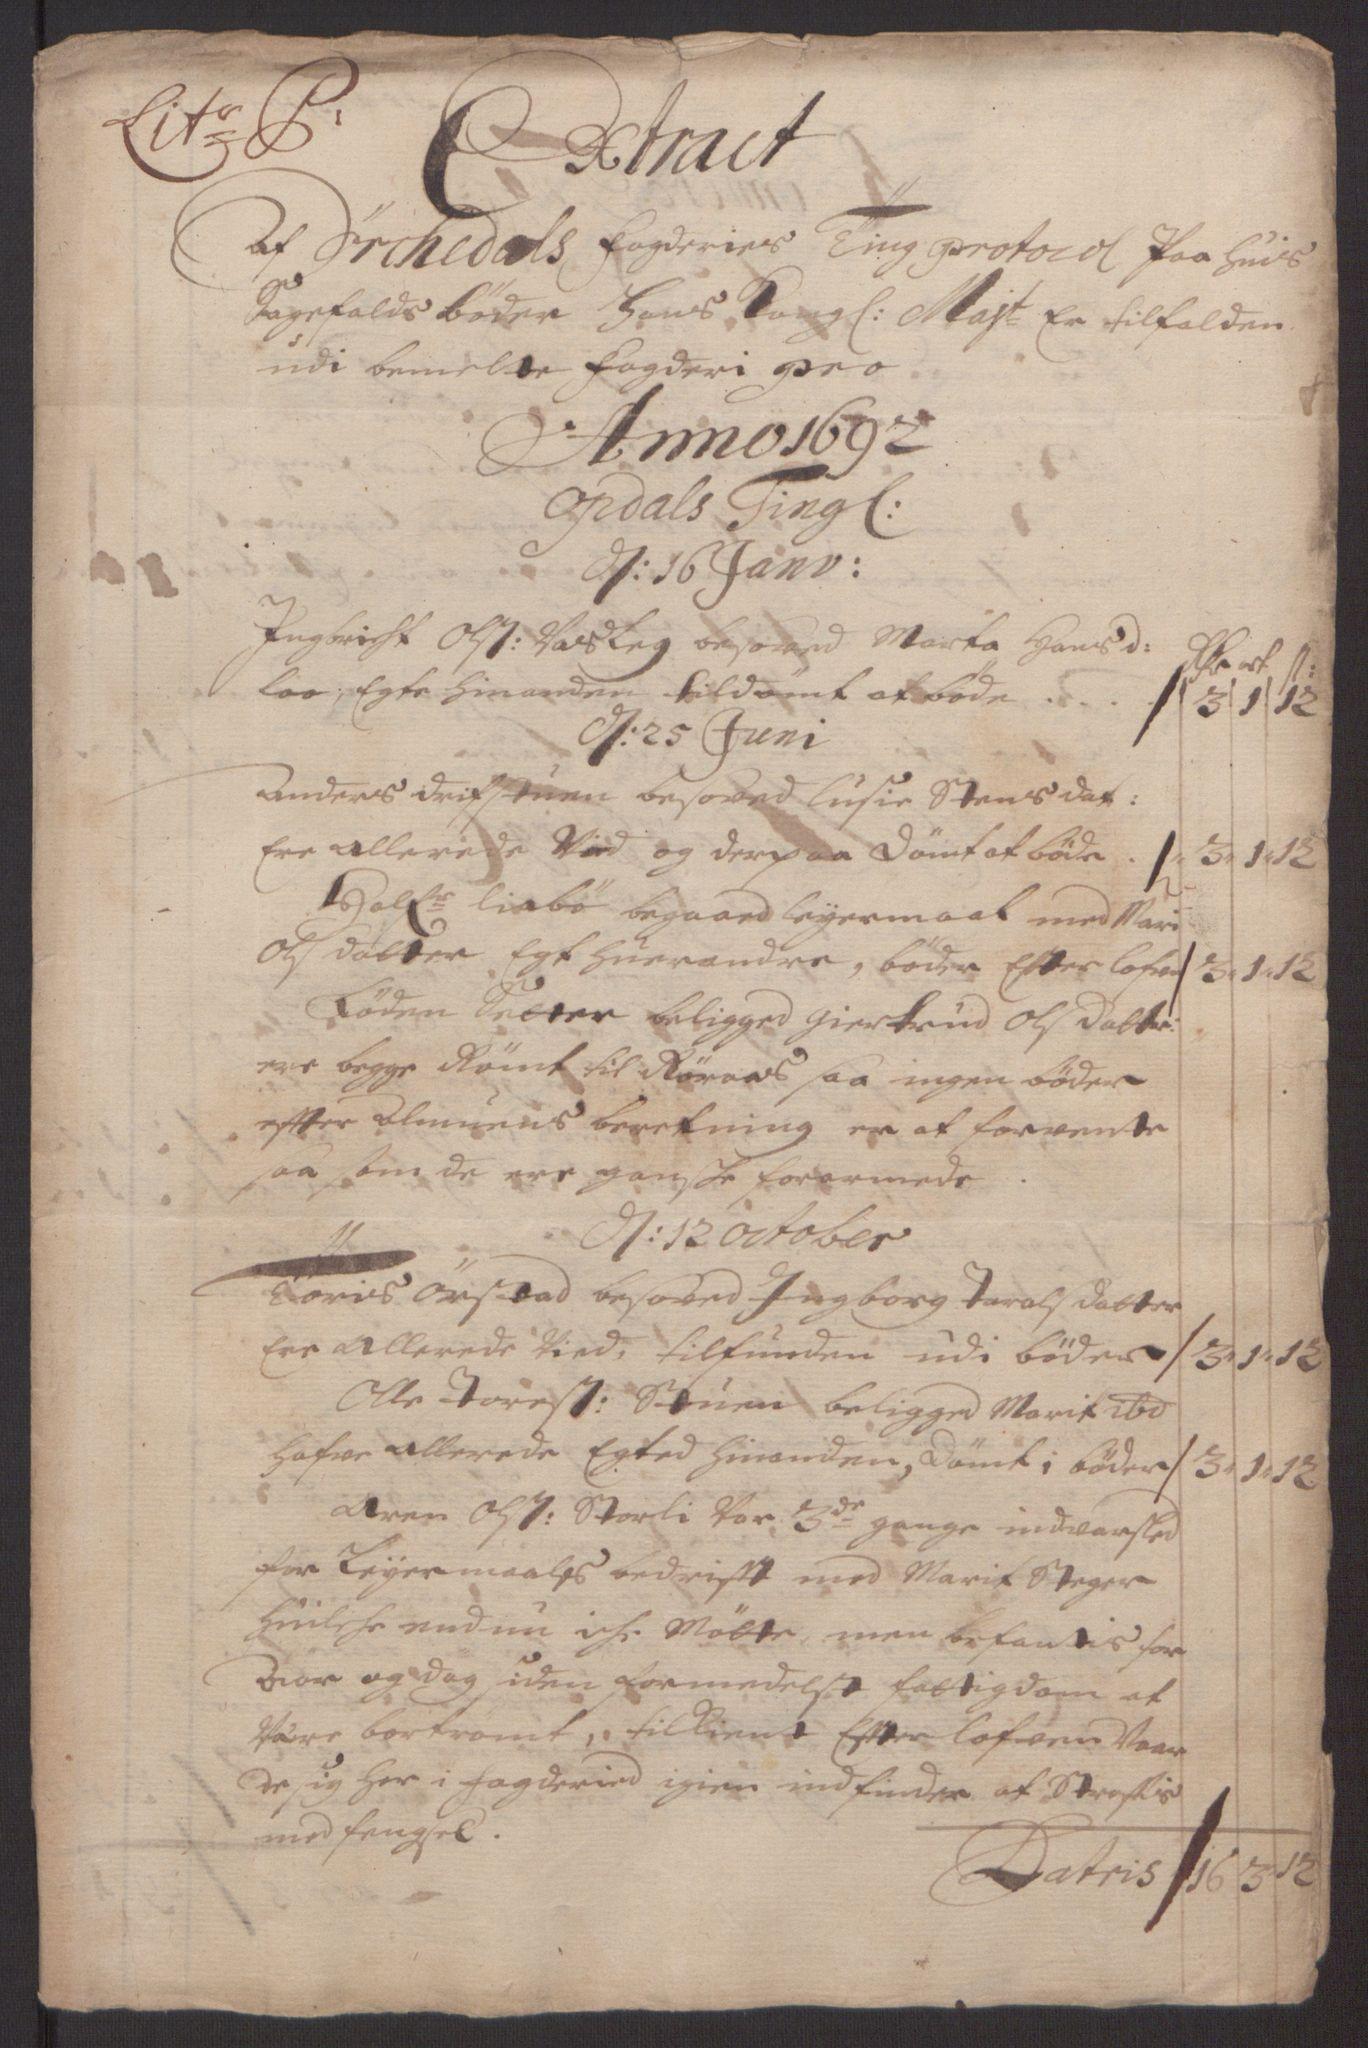 RA, Rentekammeret inntil 1814, Reviderte regnskaper, Fogderegnskap, R58/L3937: Fogderegnskap Orkdal, 1691-1692, s. 340